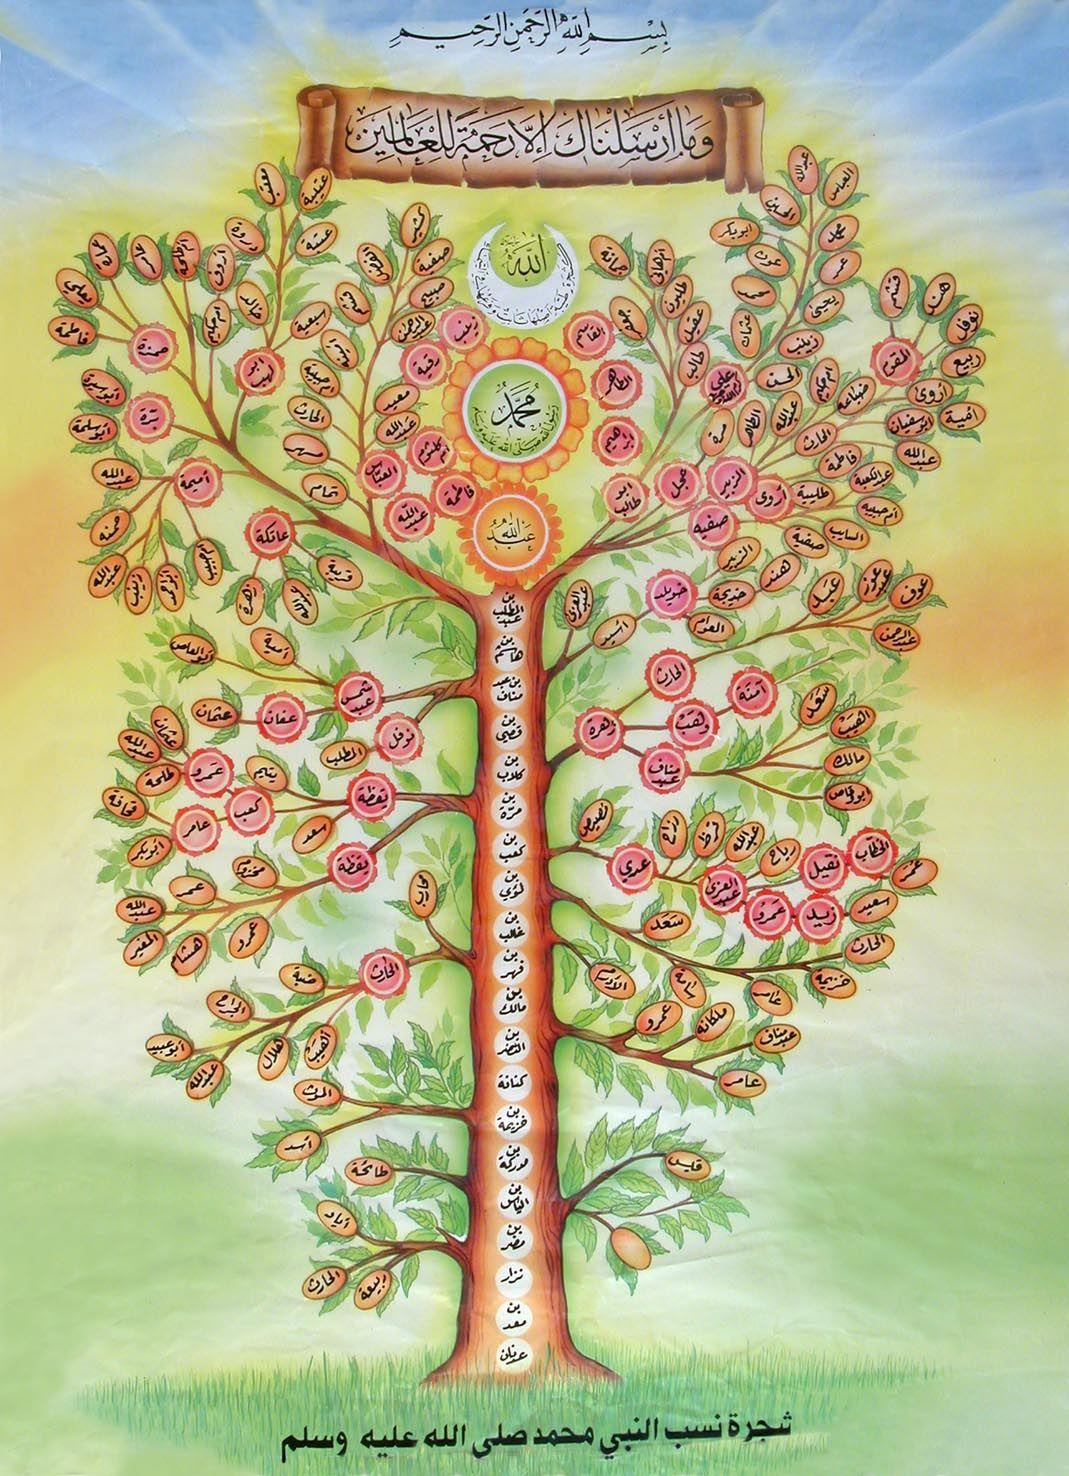 شجرة نسب النبي صلى الله عليه وسلم